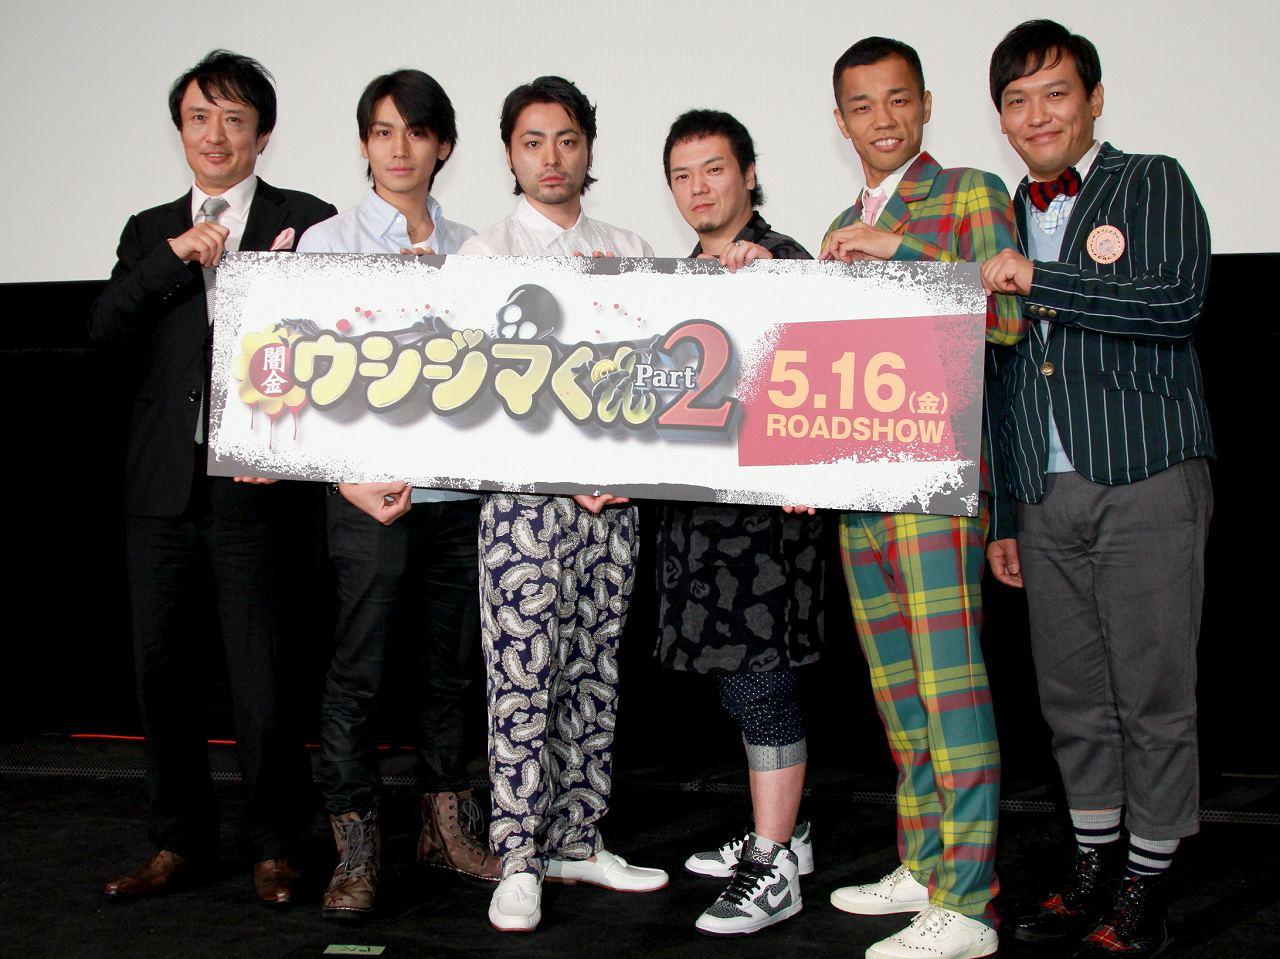 映画『闇金ウシジマくん Part2』の出演者、山田孝之、やべきょうすけ、崎本大海